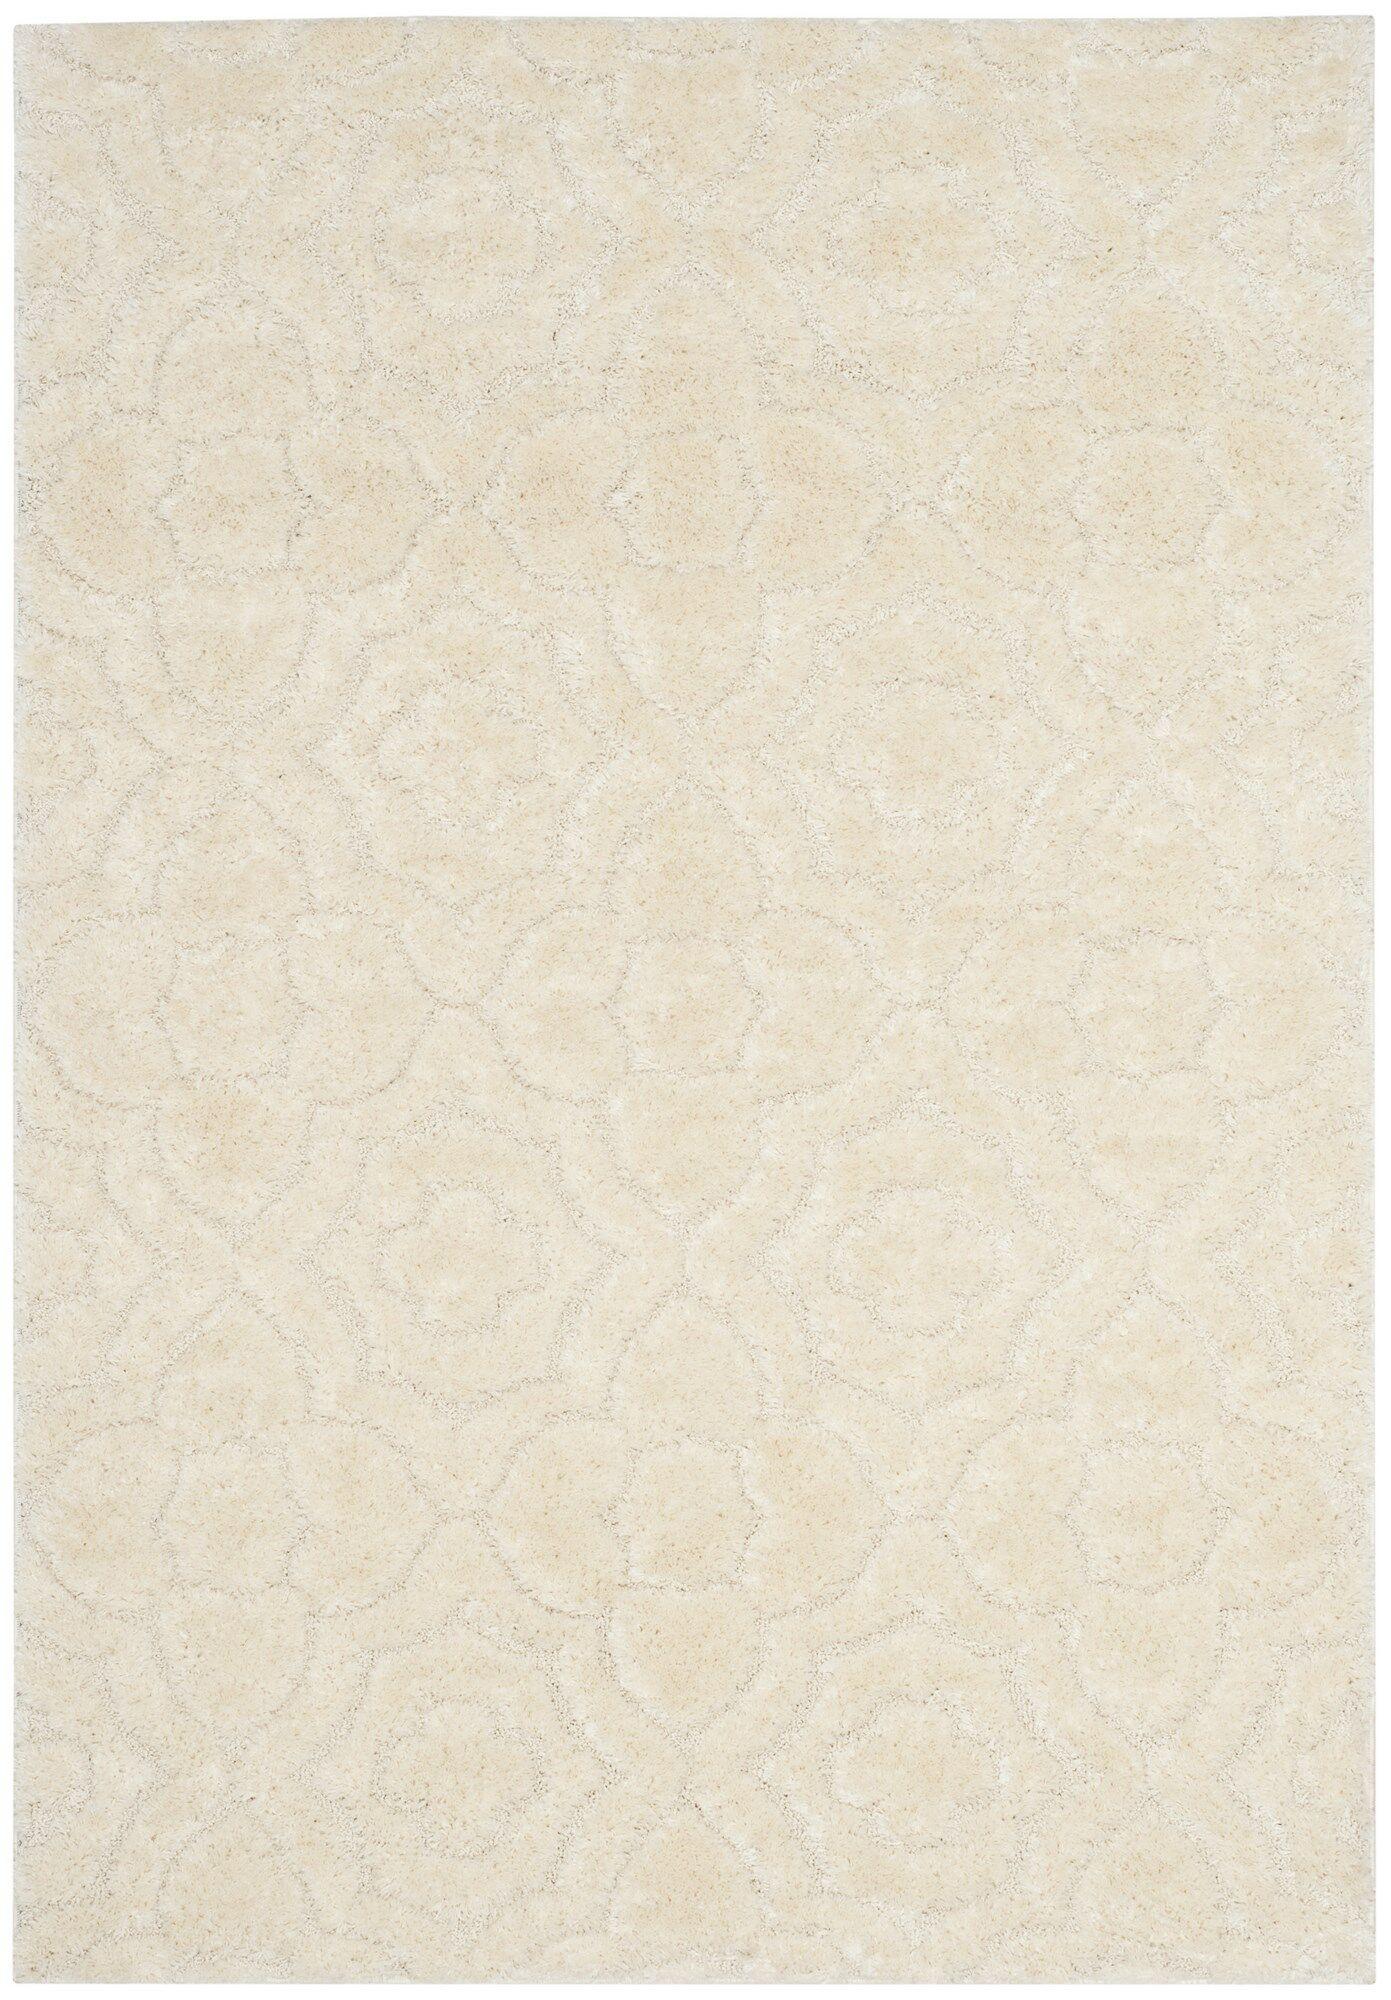 Stonybrook Cream Area Rug Rug Size: Rectangle 5'1